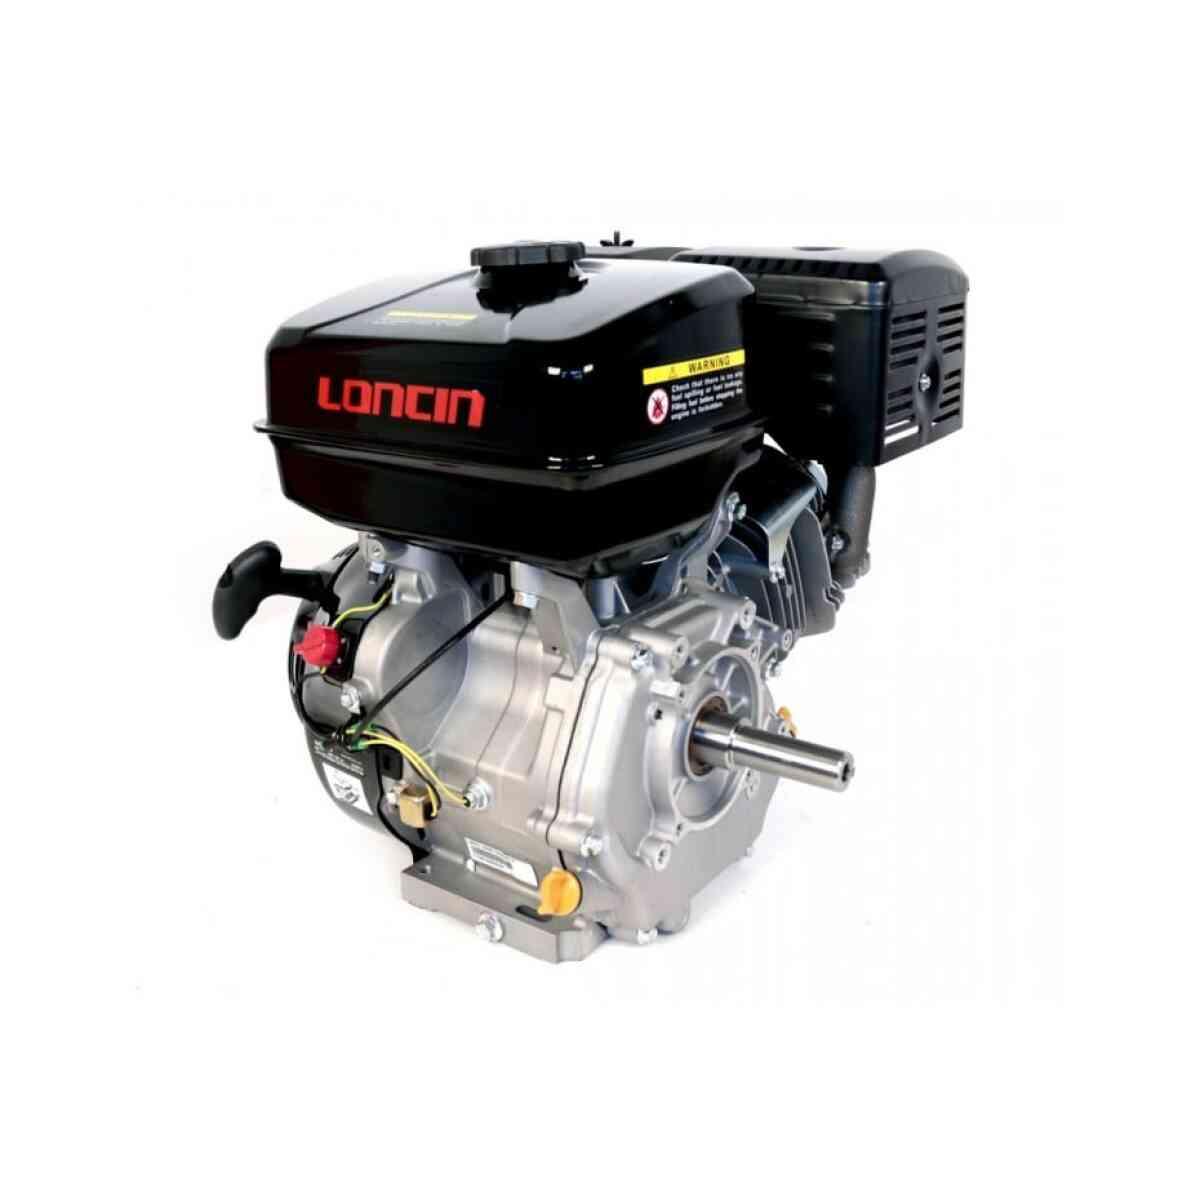 motor loncin 13cp g390f i padure gardina.ro 28